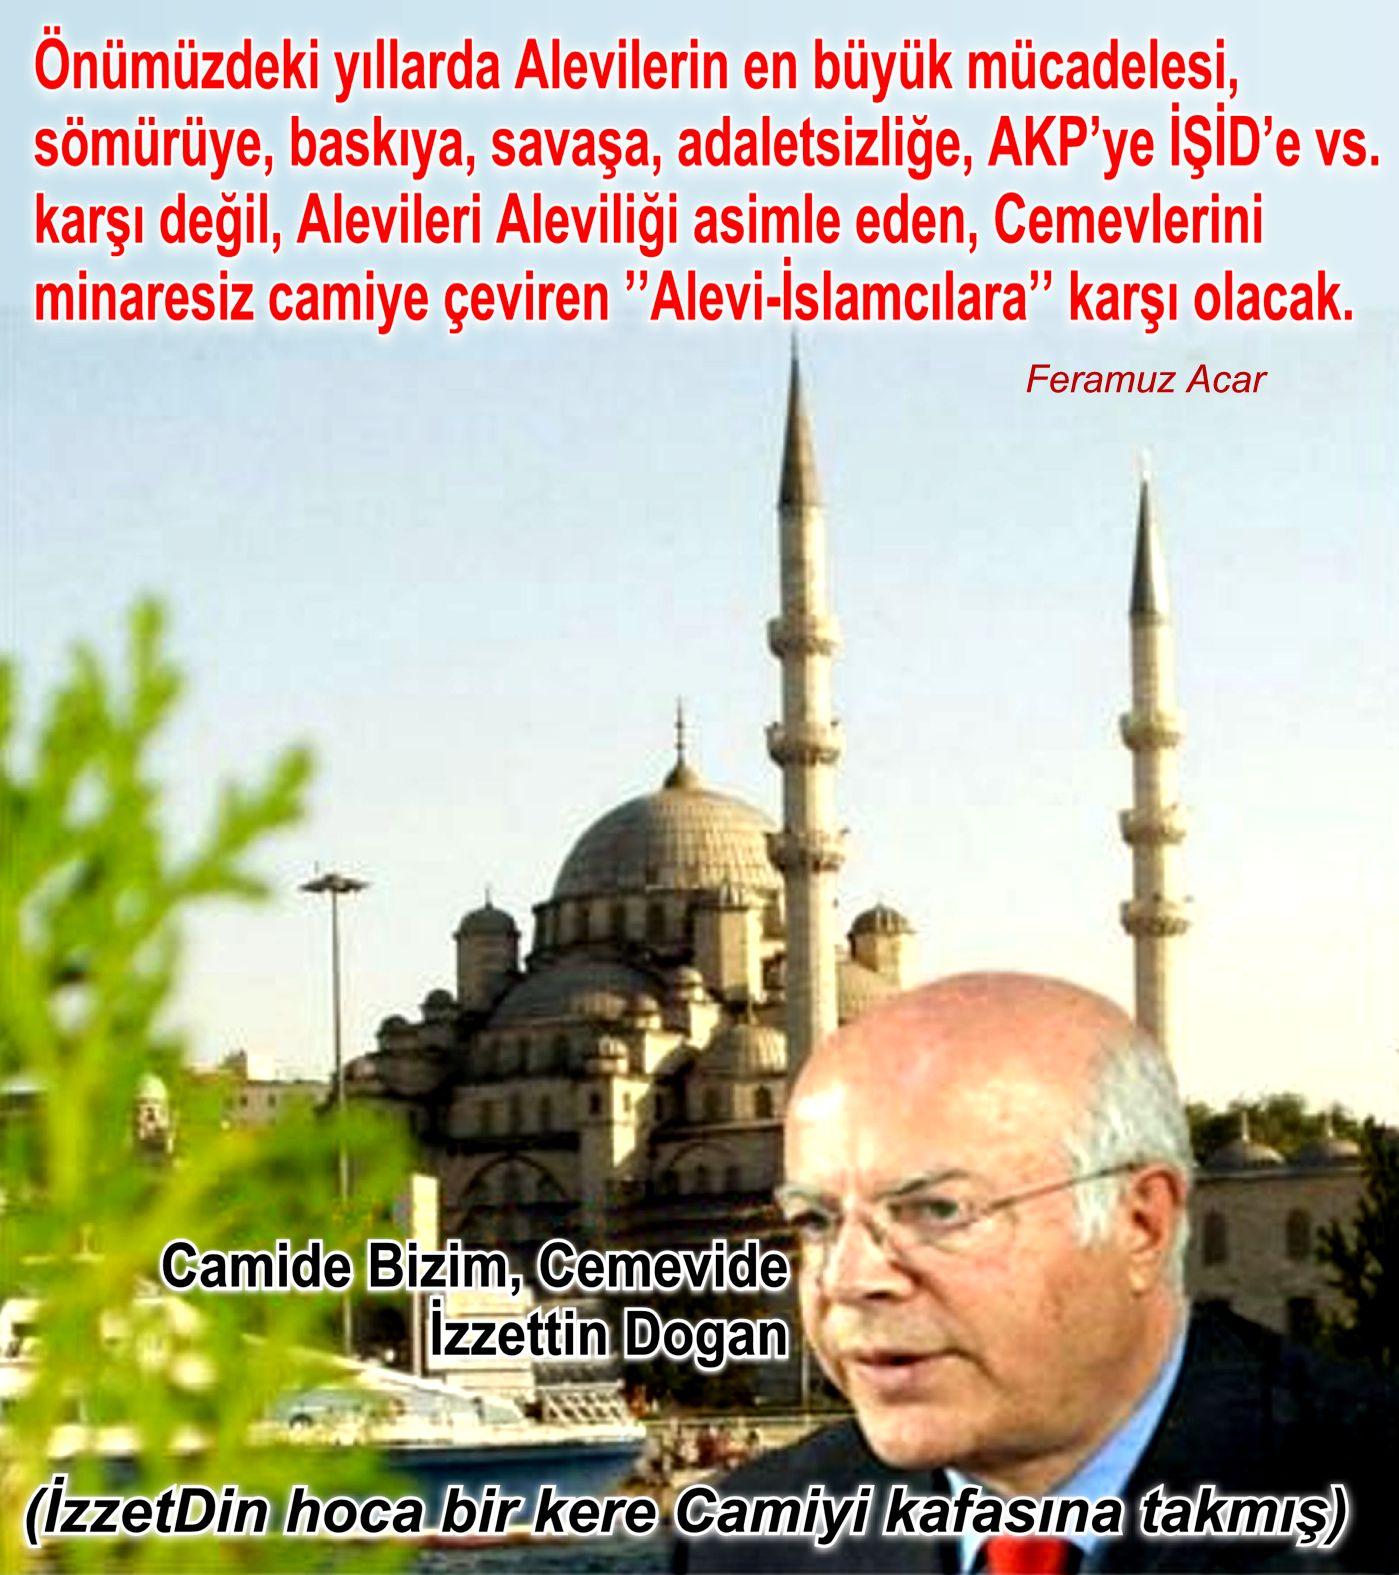 Devrimci Aleviler Birliği DAB Alevi Kızılbaş Bektaşi pir sultan cem hz Ali 12 imam semah Feramuz Şah Acar izzettin cami cemevi asimilasyon boynuz